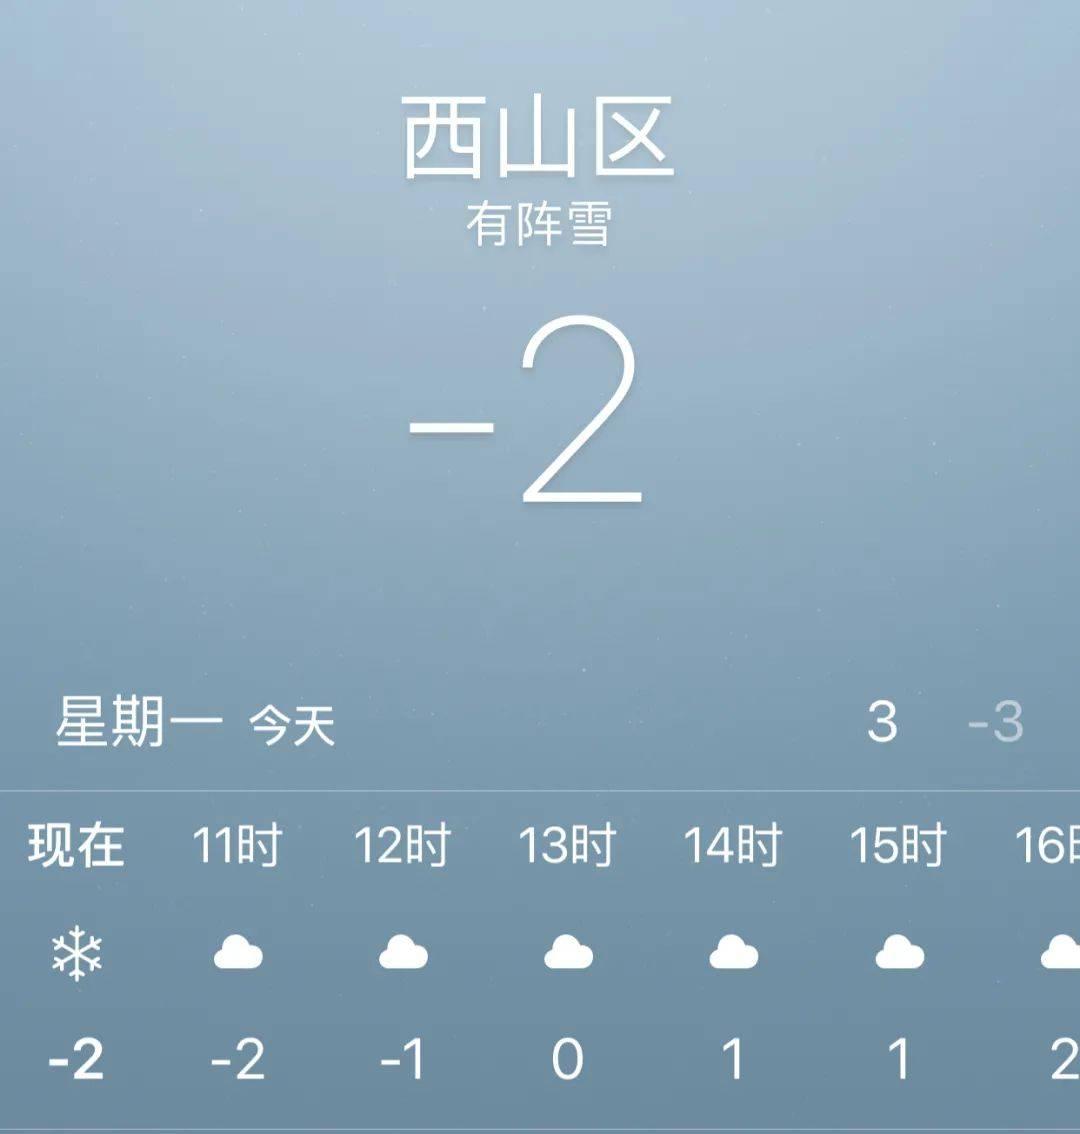 2021年最冷的一天!气温暴跌至